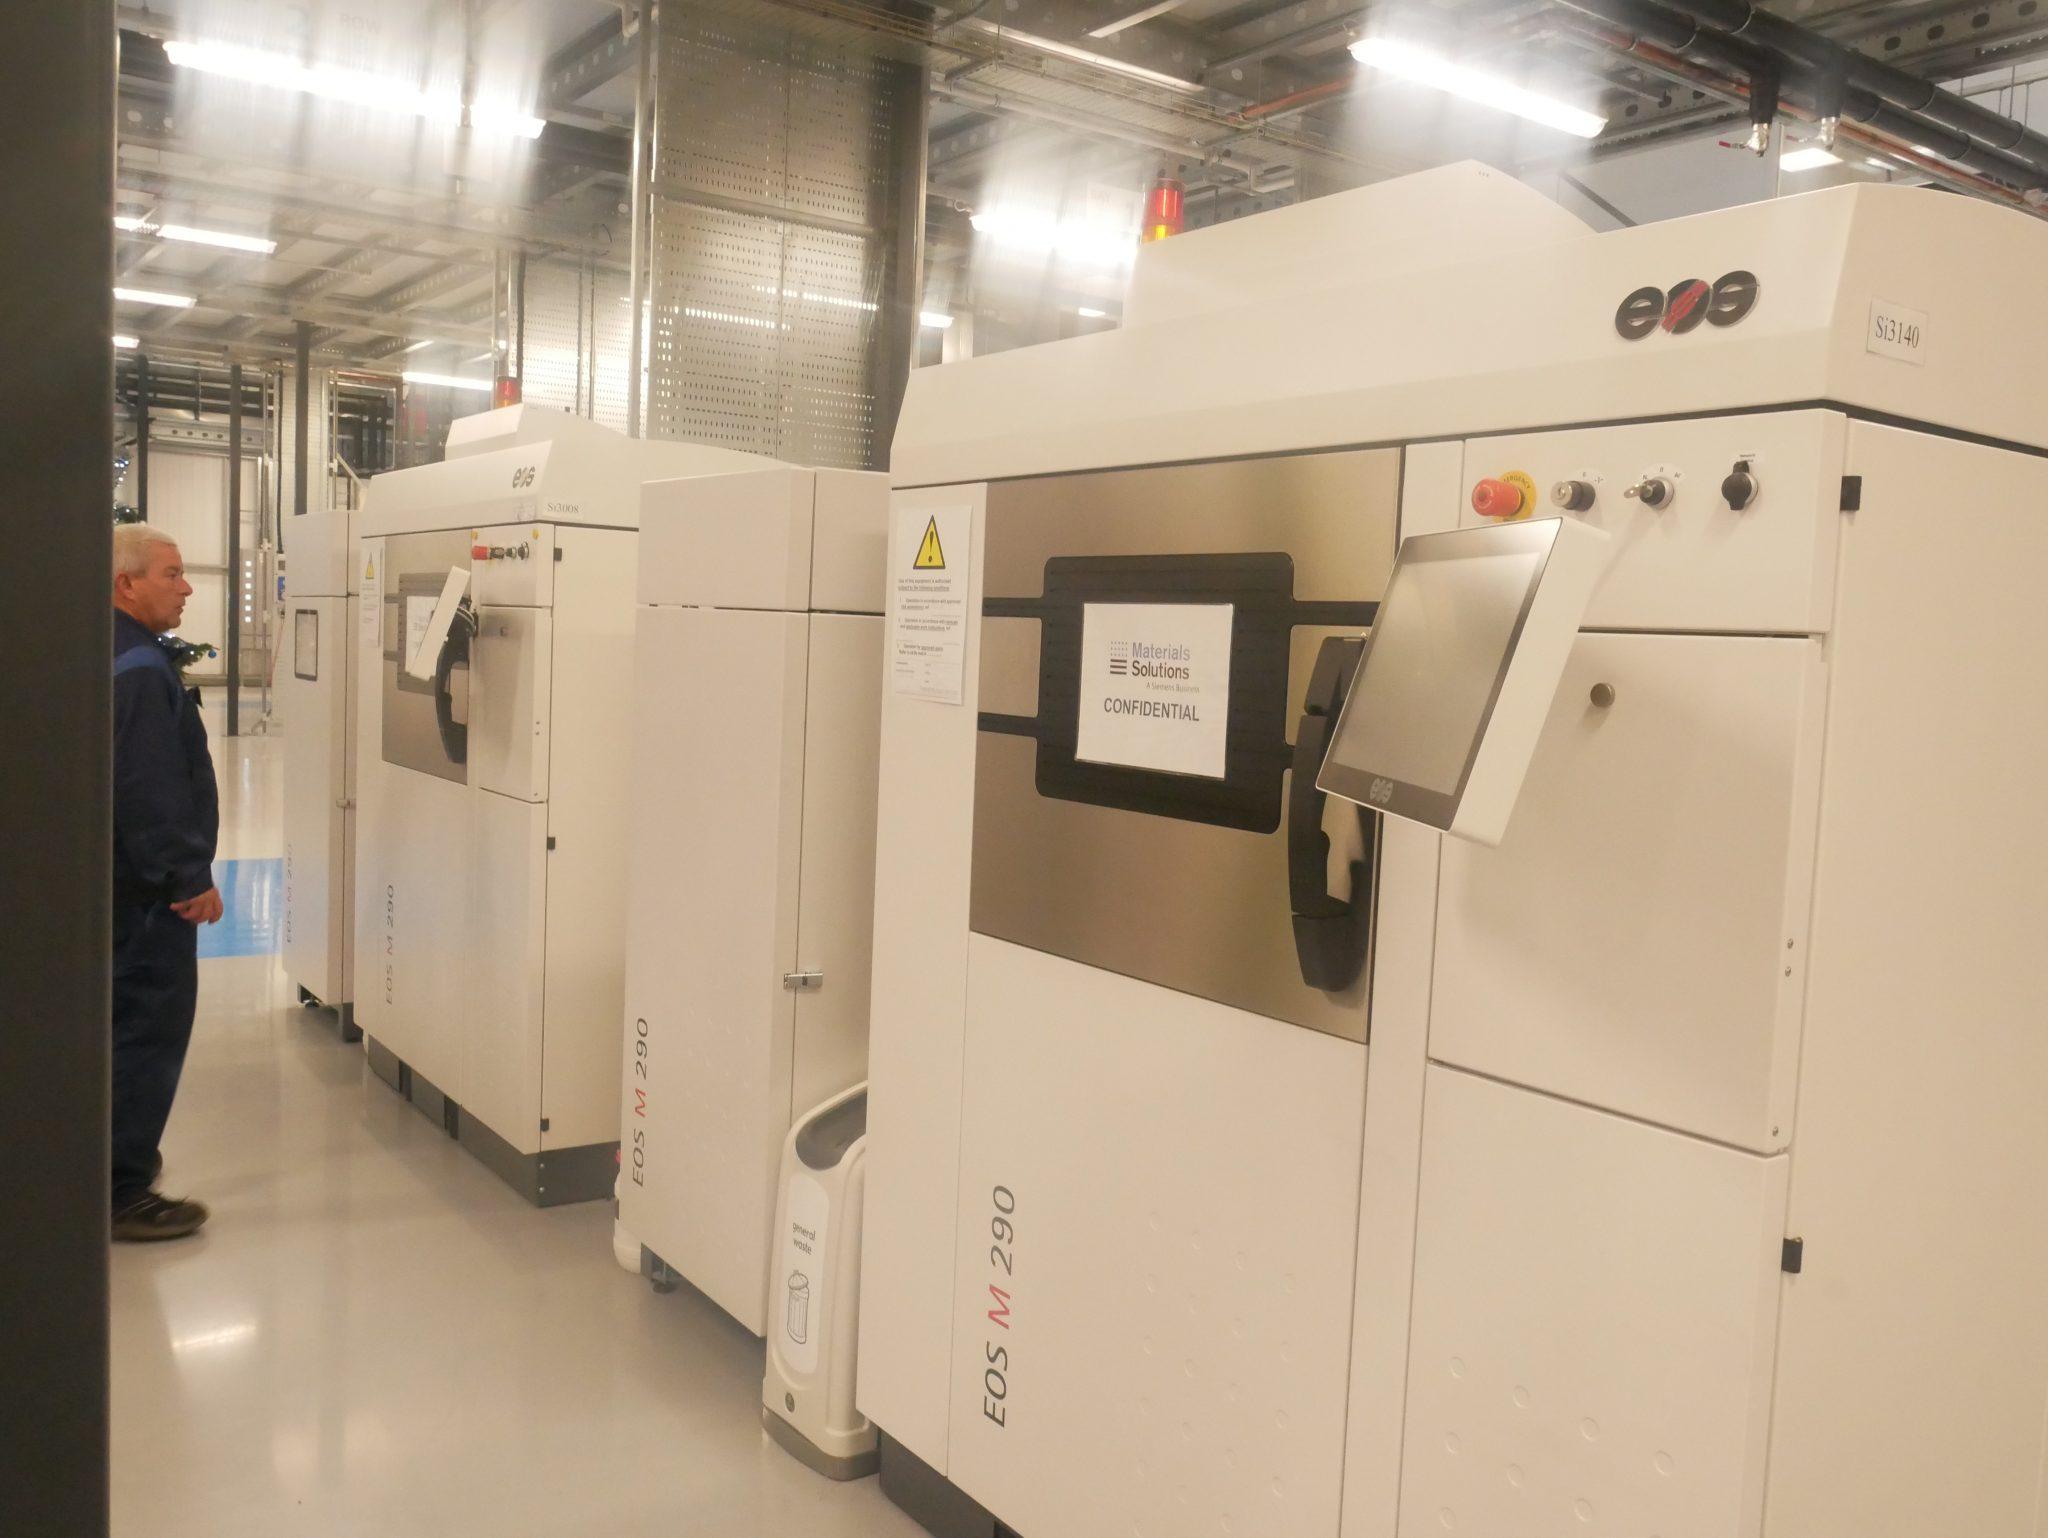 EOS 3D printers at the Materials Solutions Digital Factory. Photo by Tia Vialva.